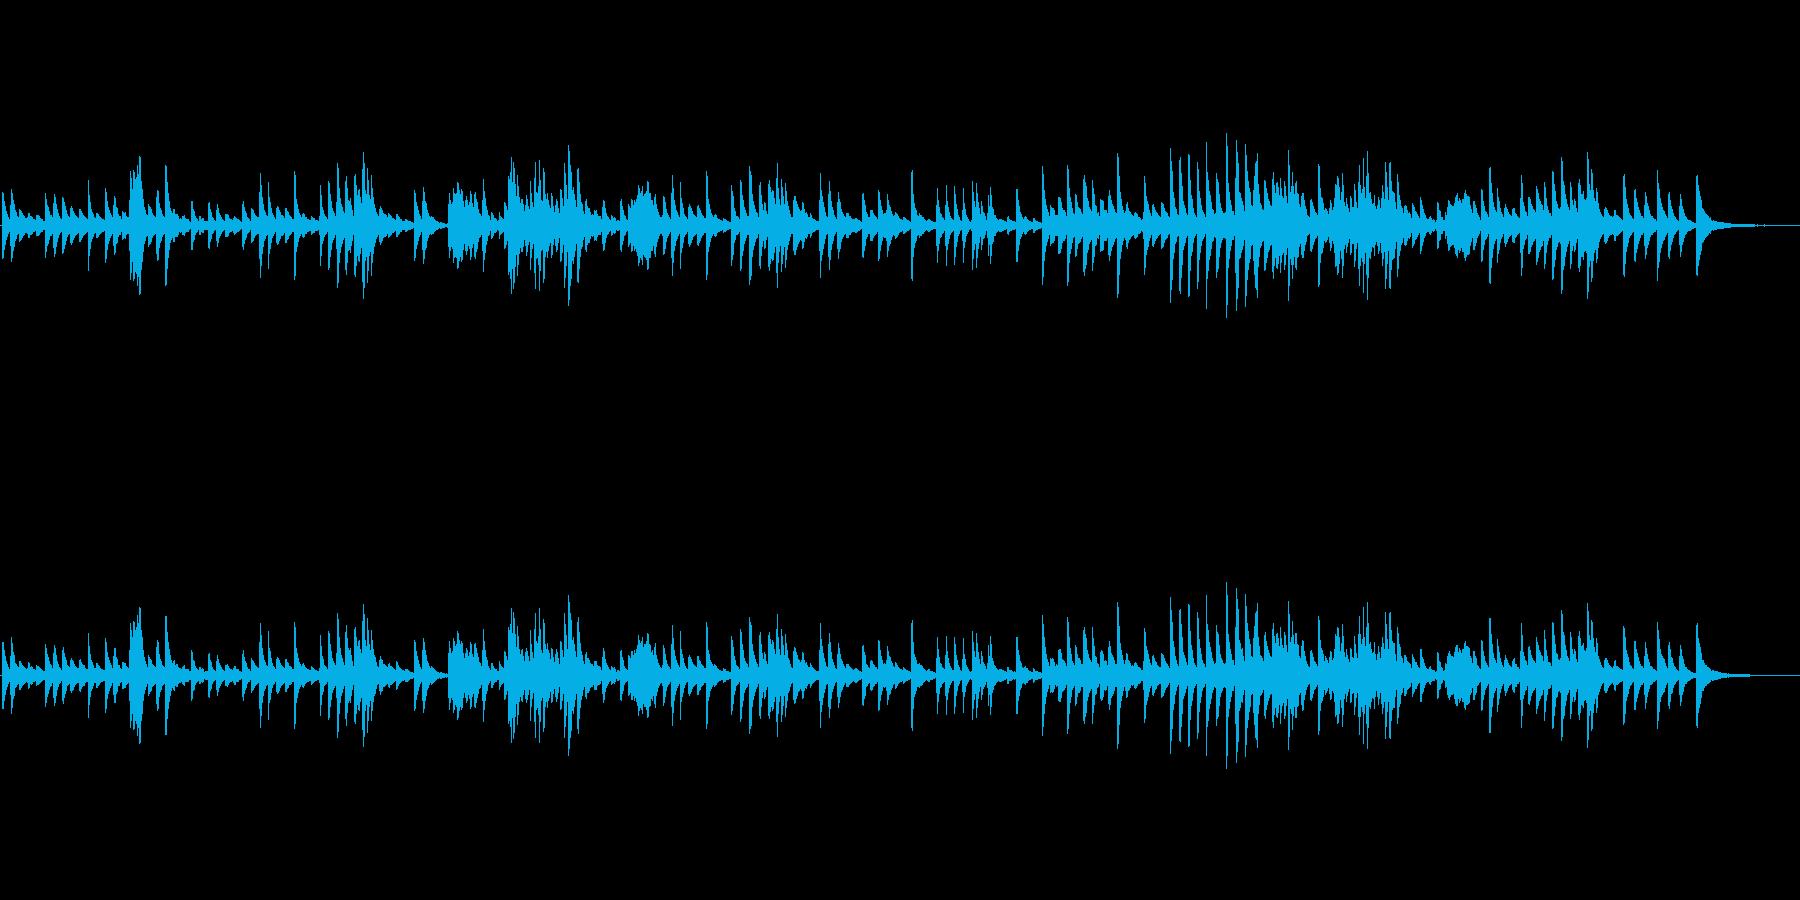 [オルゴール] ショパン  ノクターンの再生済みの波形